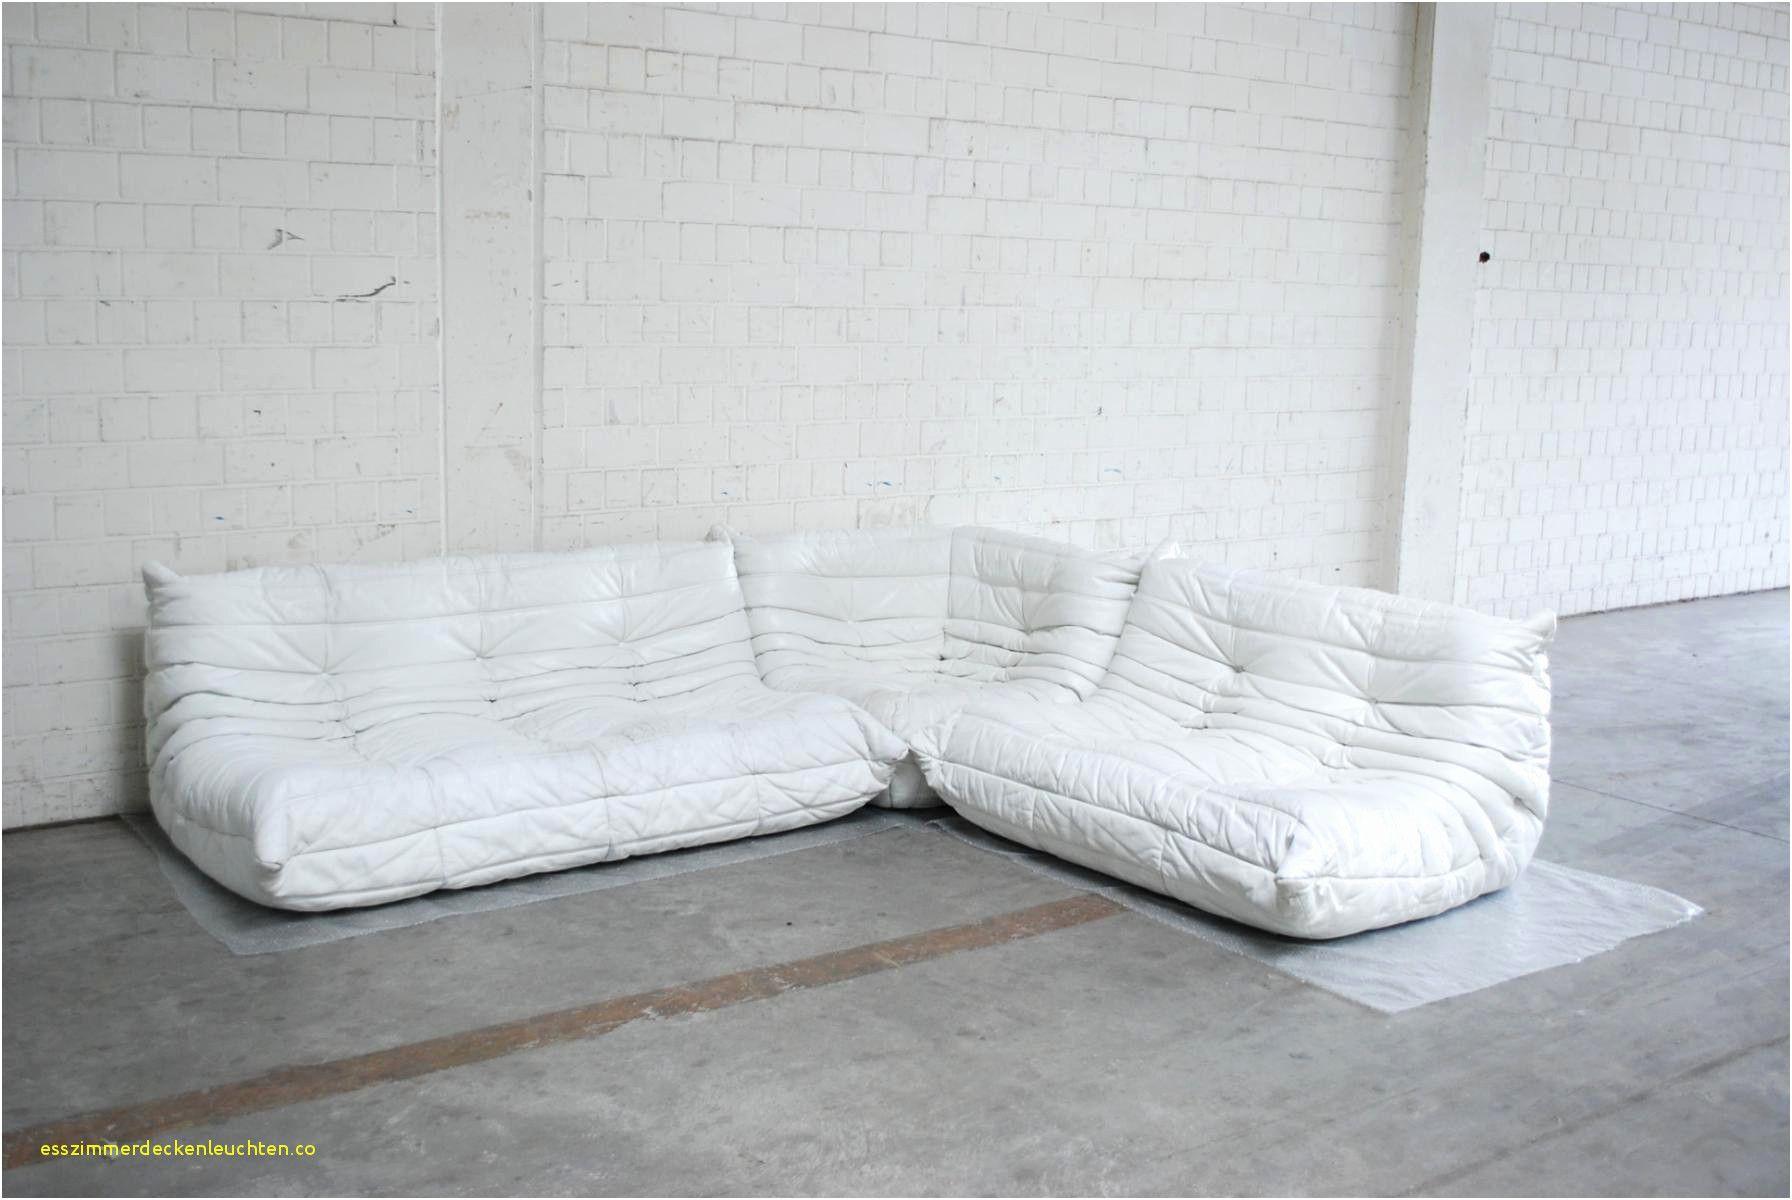 Top Ergebnis Ikea Futon Bettsofa Neu Ikea Sofagarnitur Plus Schwarzes Leder Sofa As Well Einzelsitzsofa 2018 Sofa Couch Furniture